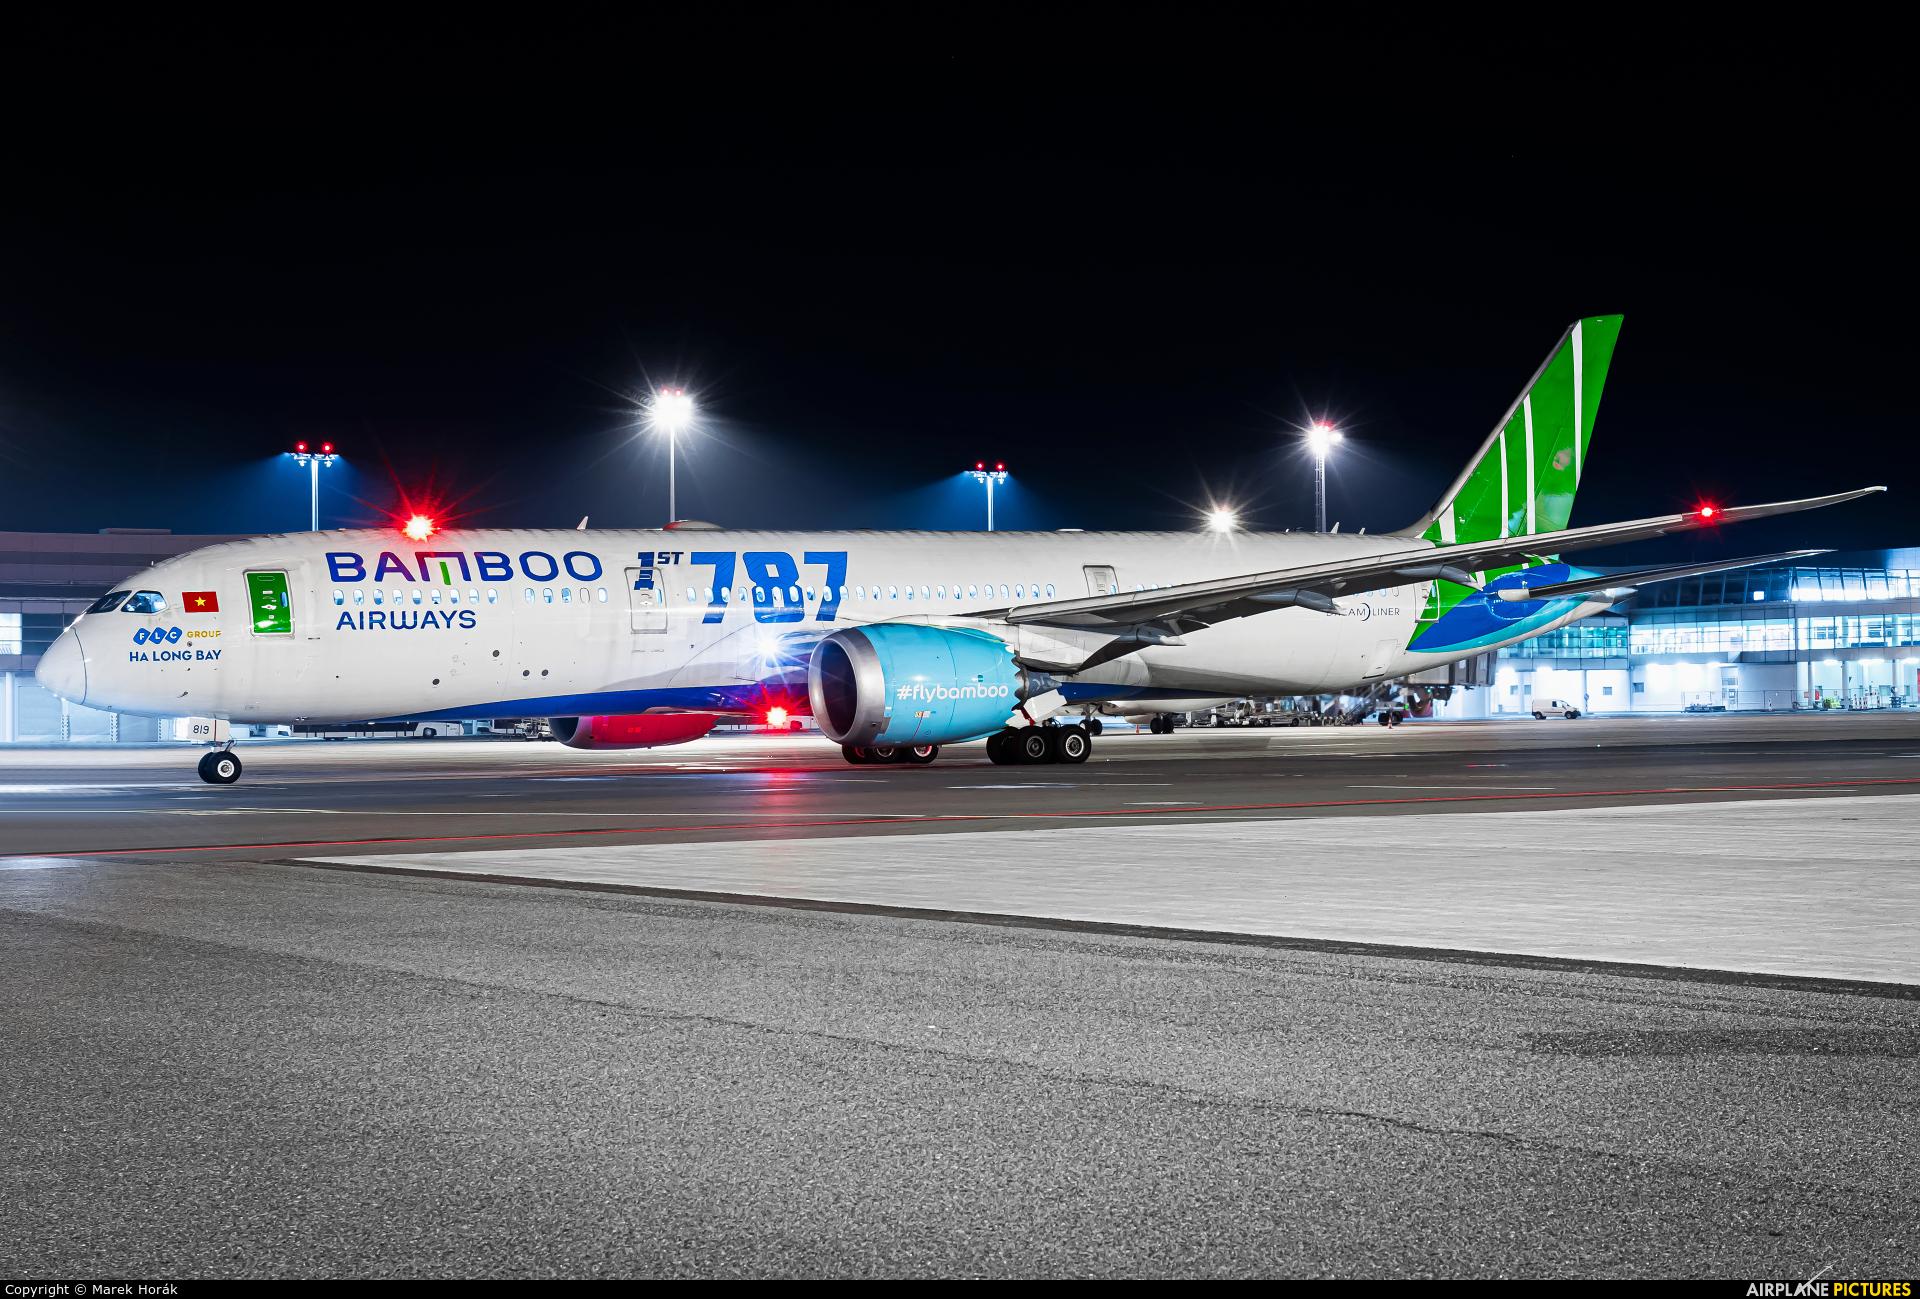 Bamboo Airways VN-A819 aircraft at Prague - Václav Havel